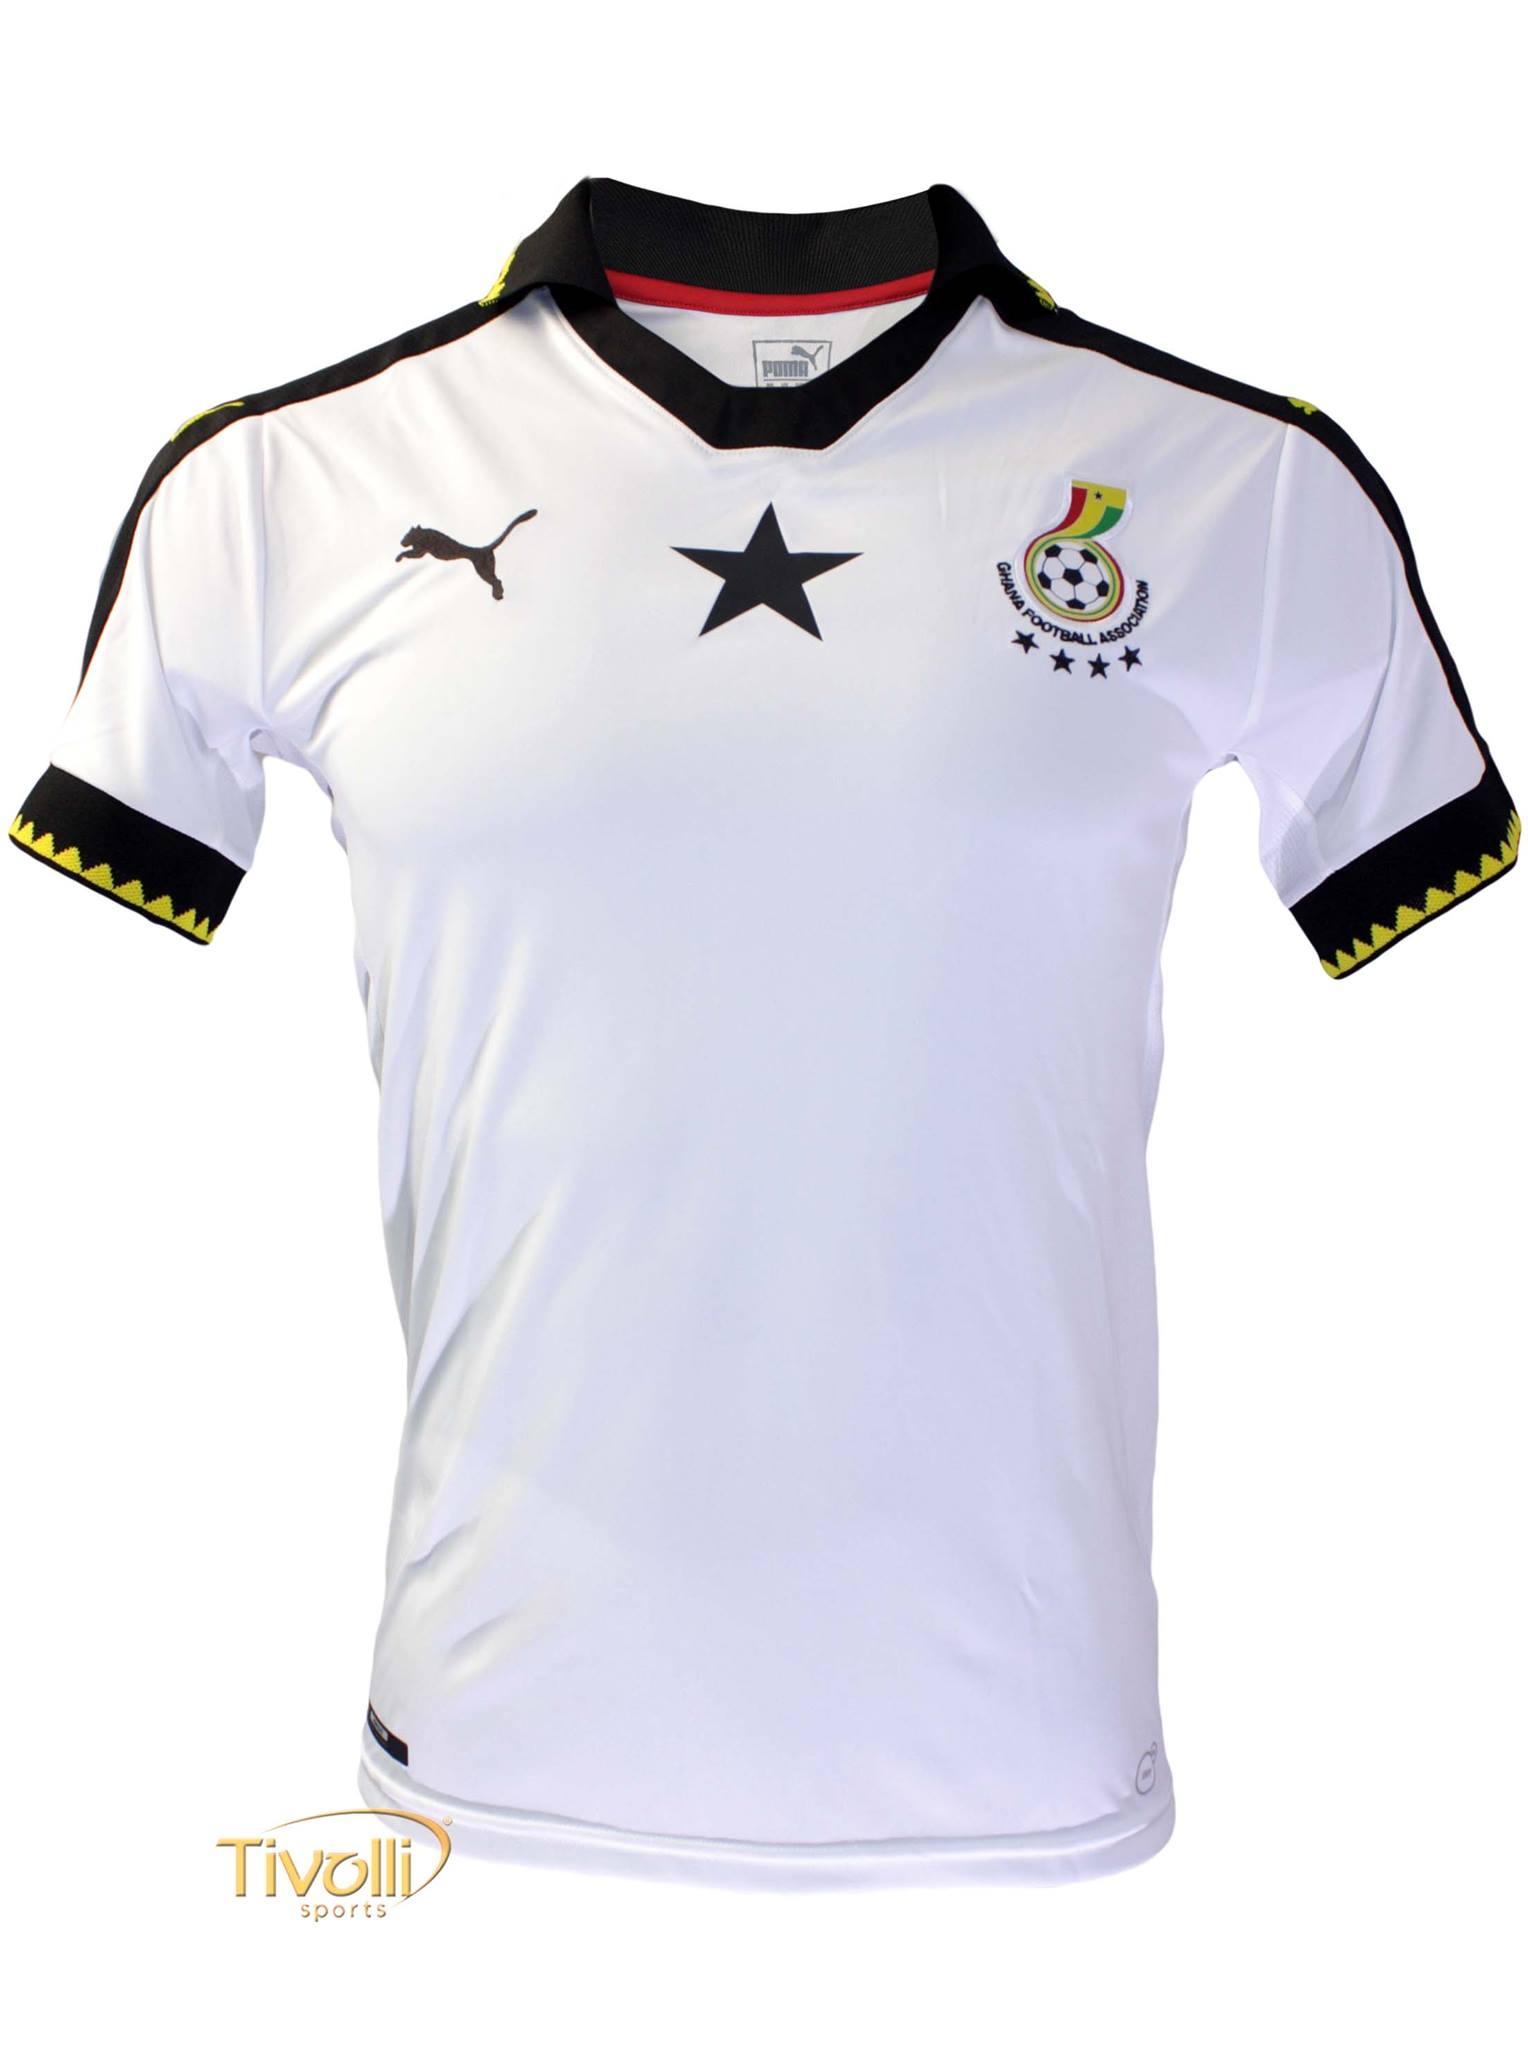 Camisa Gana I Home 2016 17 Puma Masculina   - Mega Saldão   727b90e405d3c